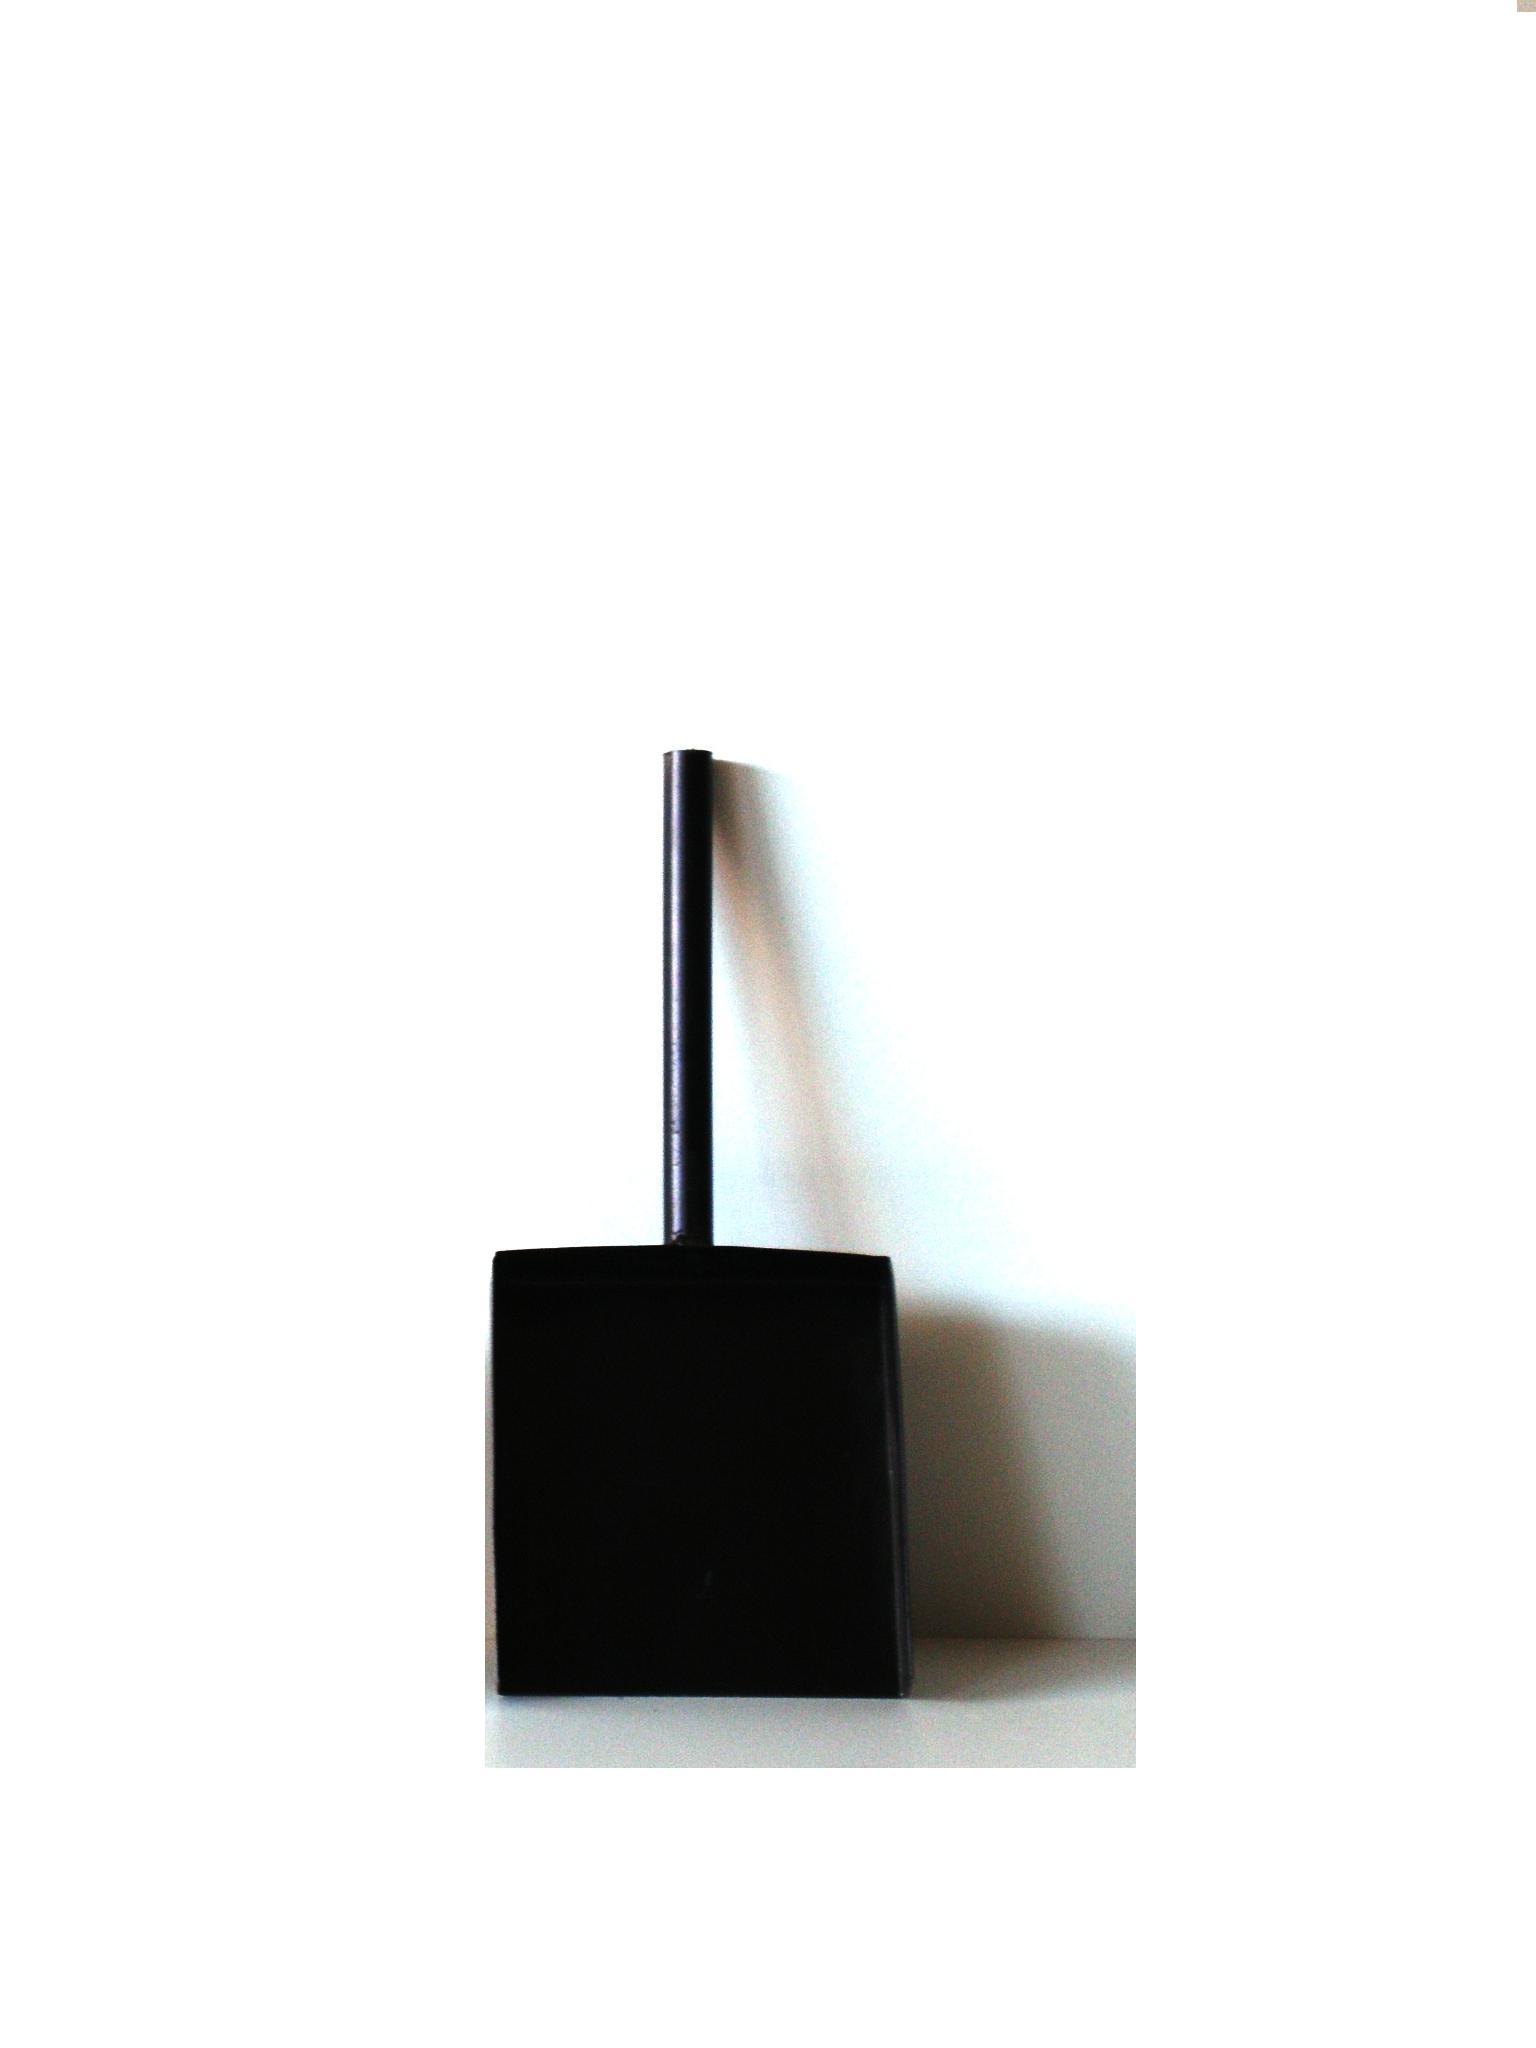 Φτυάρι Τζακιού Μαύρο Κοντό – Β – 3-ex4